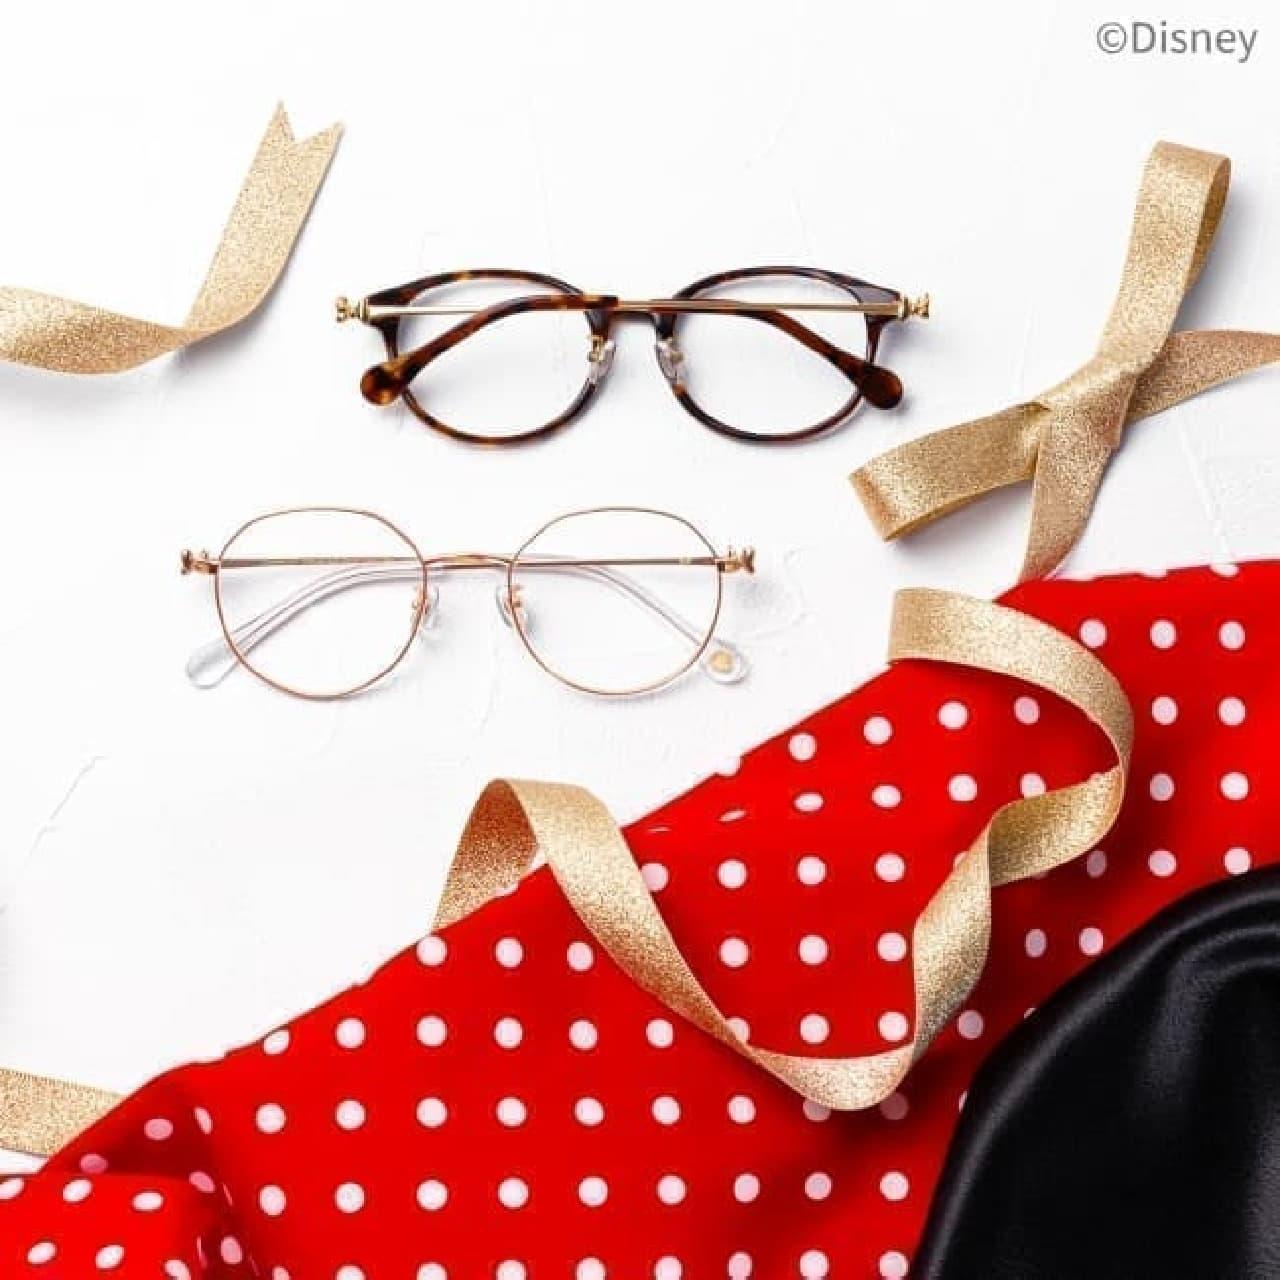 メガネブランドZoffから「ミニーリボンシリーズ」 -- リボンがきらりと輝く大人可愛いメガネ